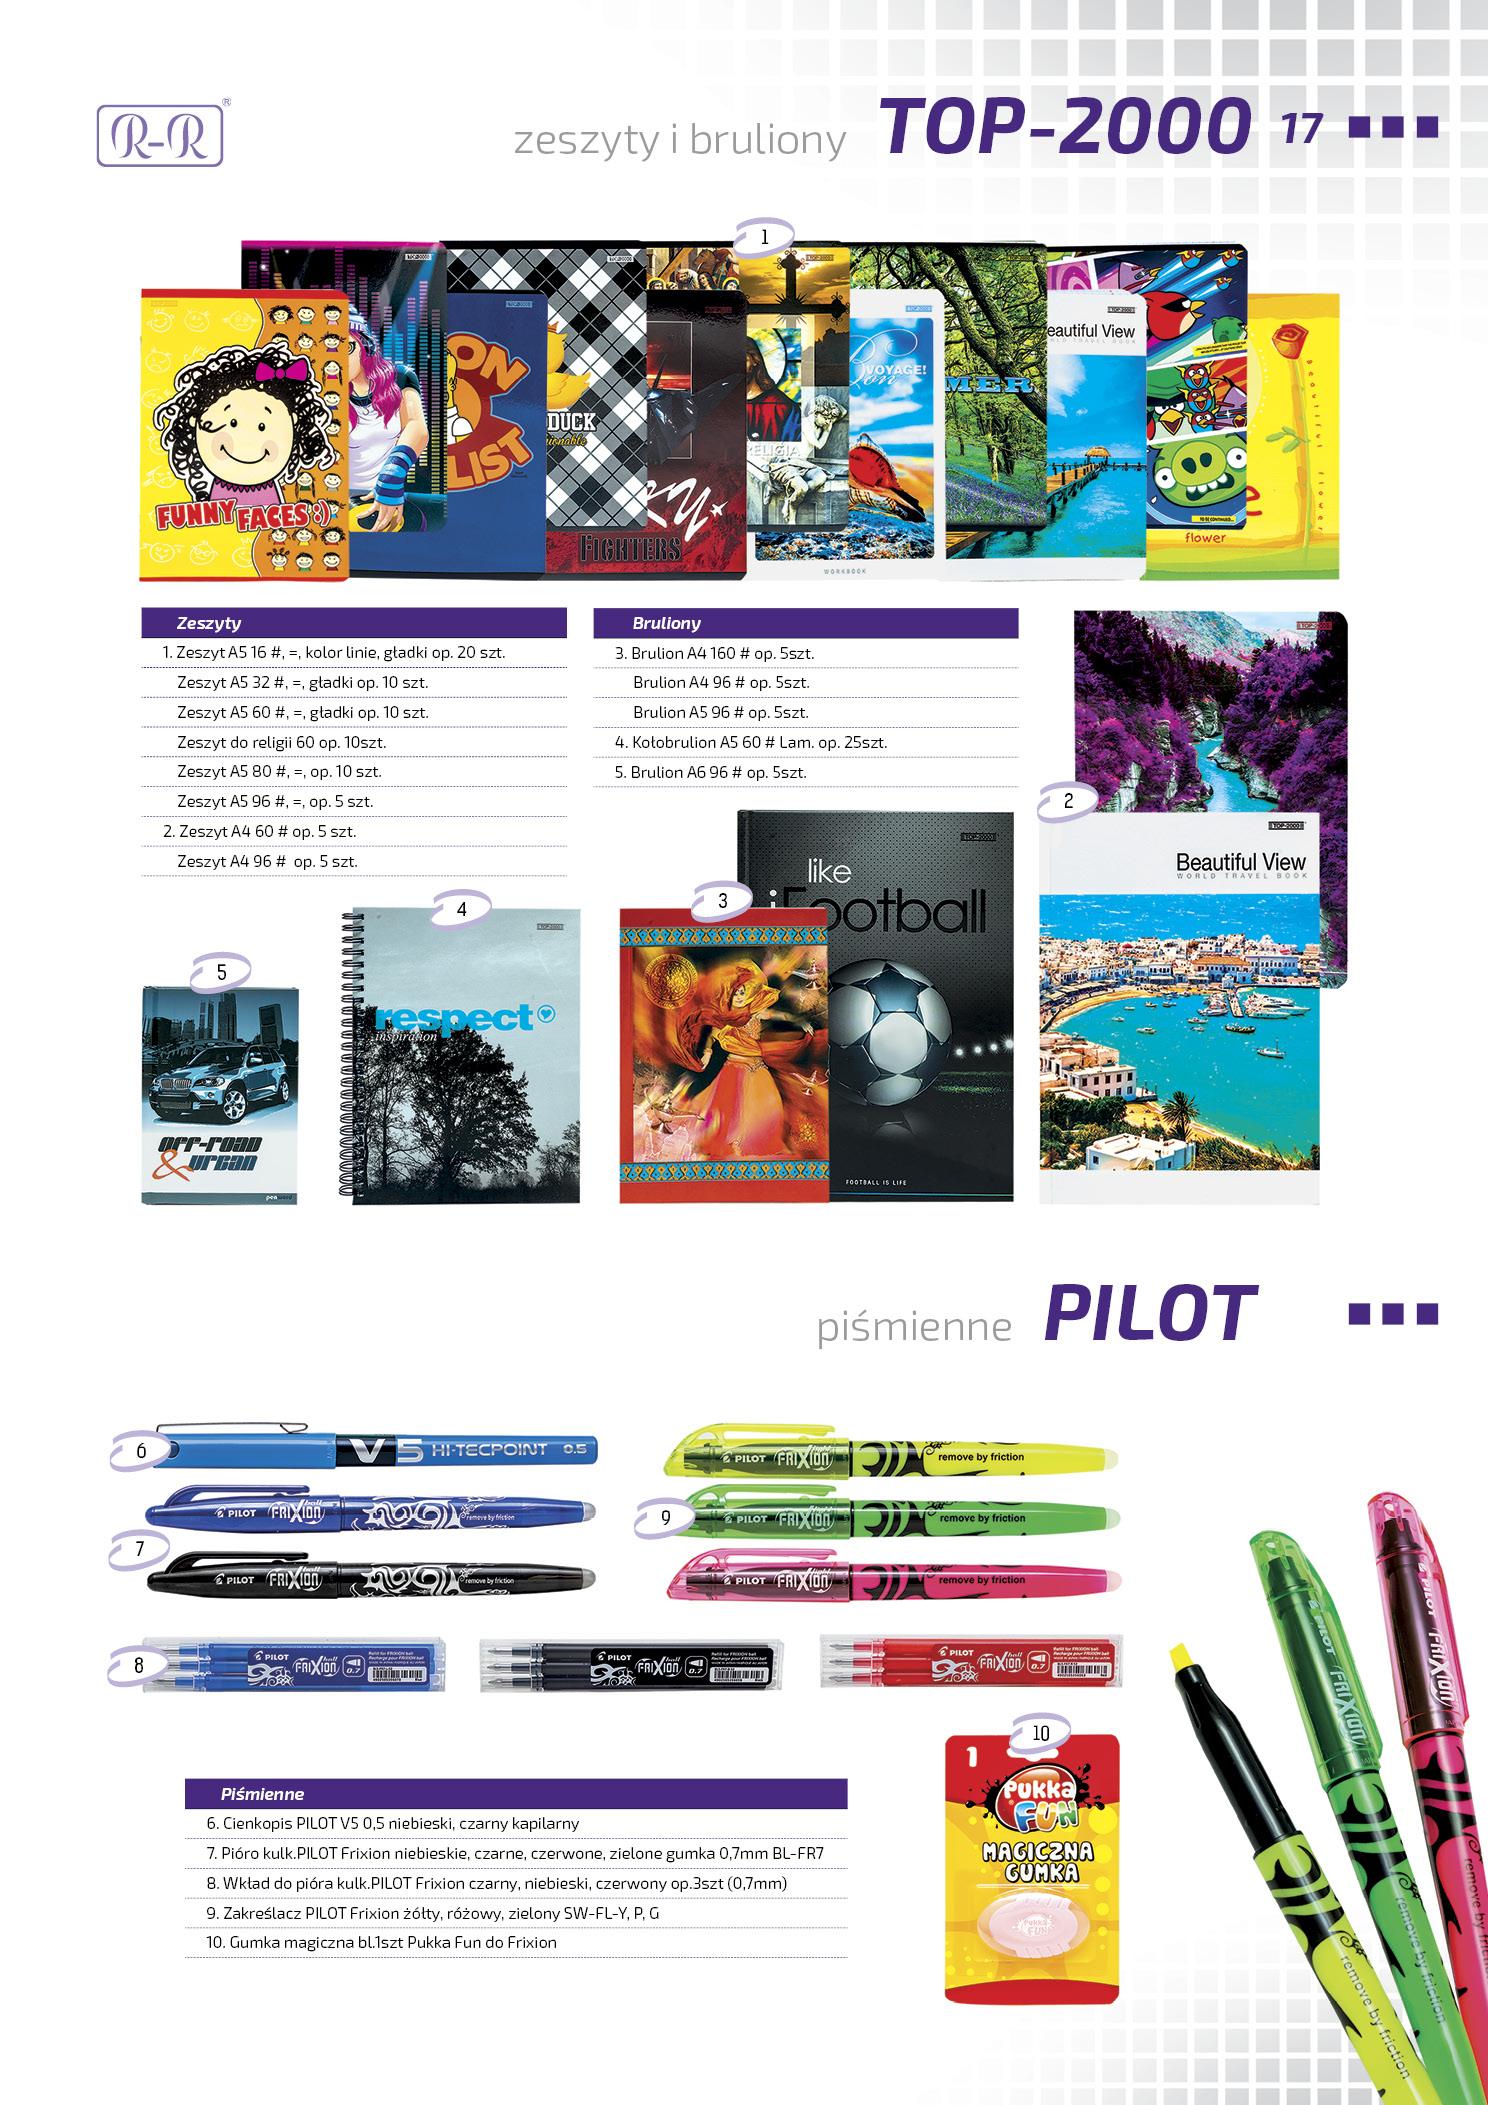 Artykuły szkolne TOP-2000 / Pilot